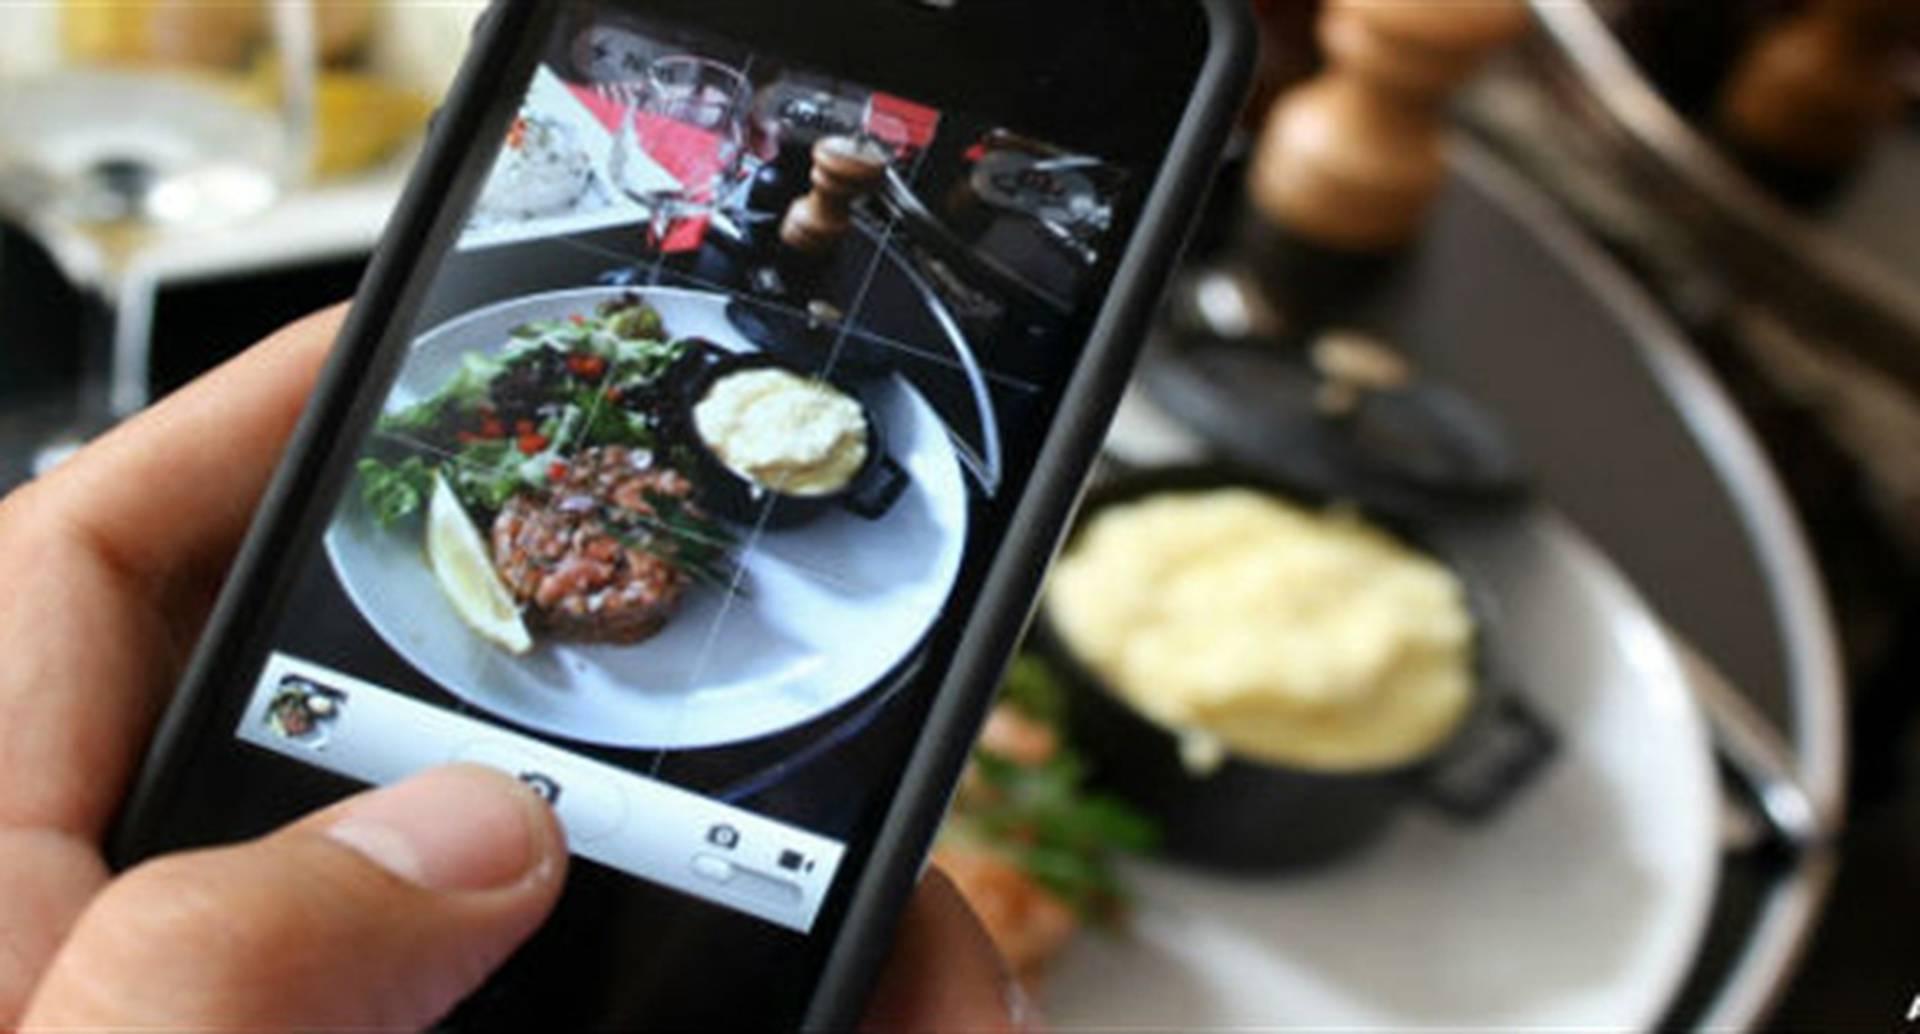 Consultar Instagram para temas de salud puede resultar más peligroso que acudir al doctor Google, dicen los expertos-